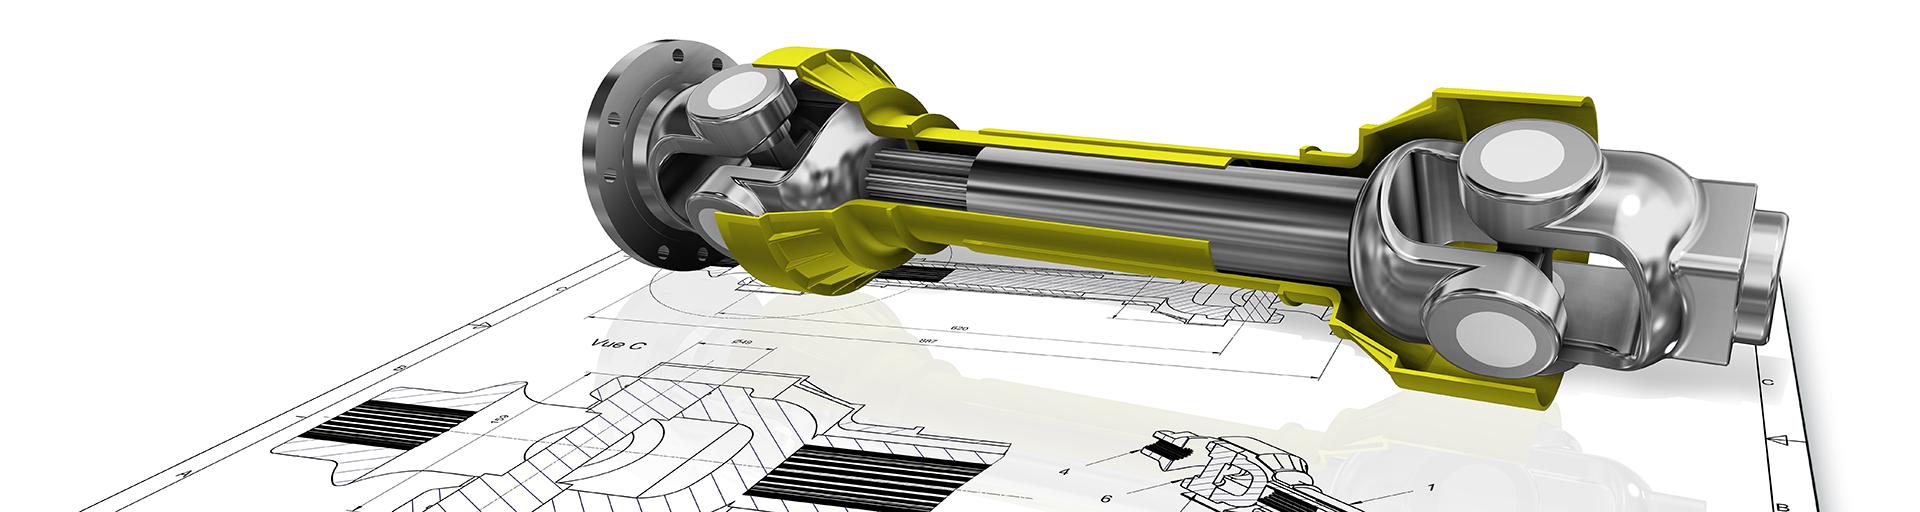 Fusion 360! Non il solito CAD!